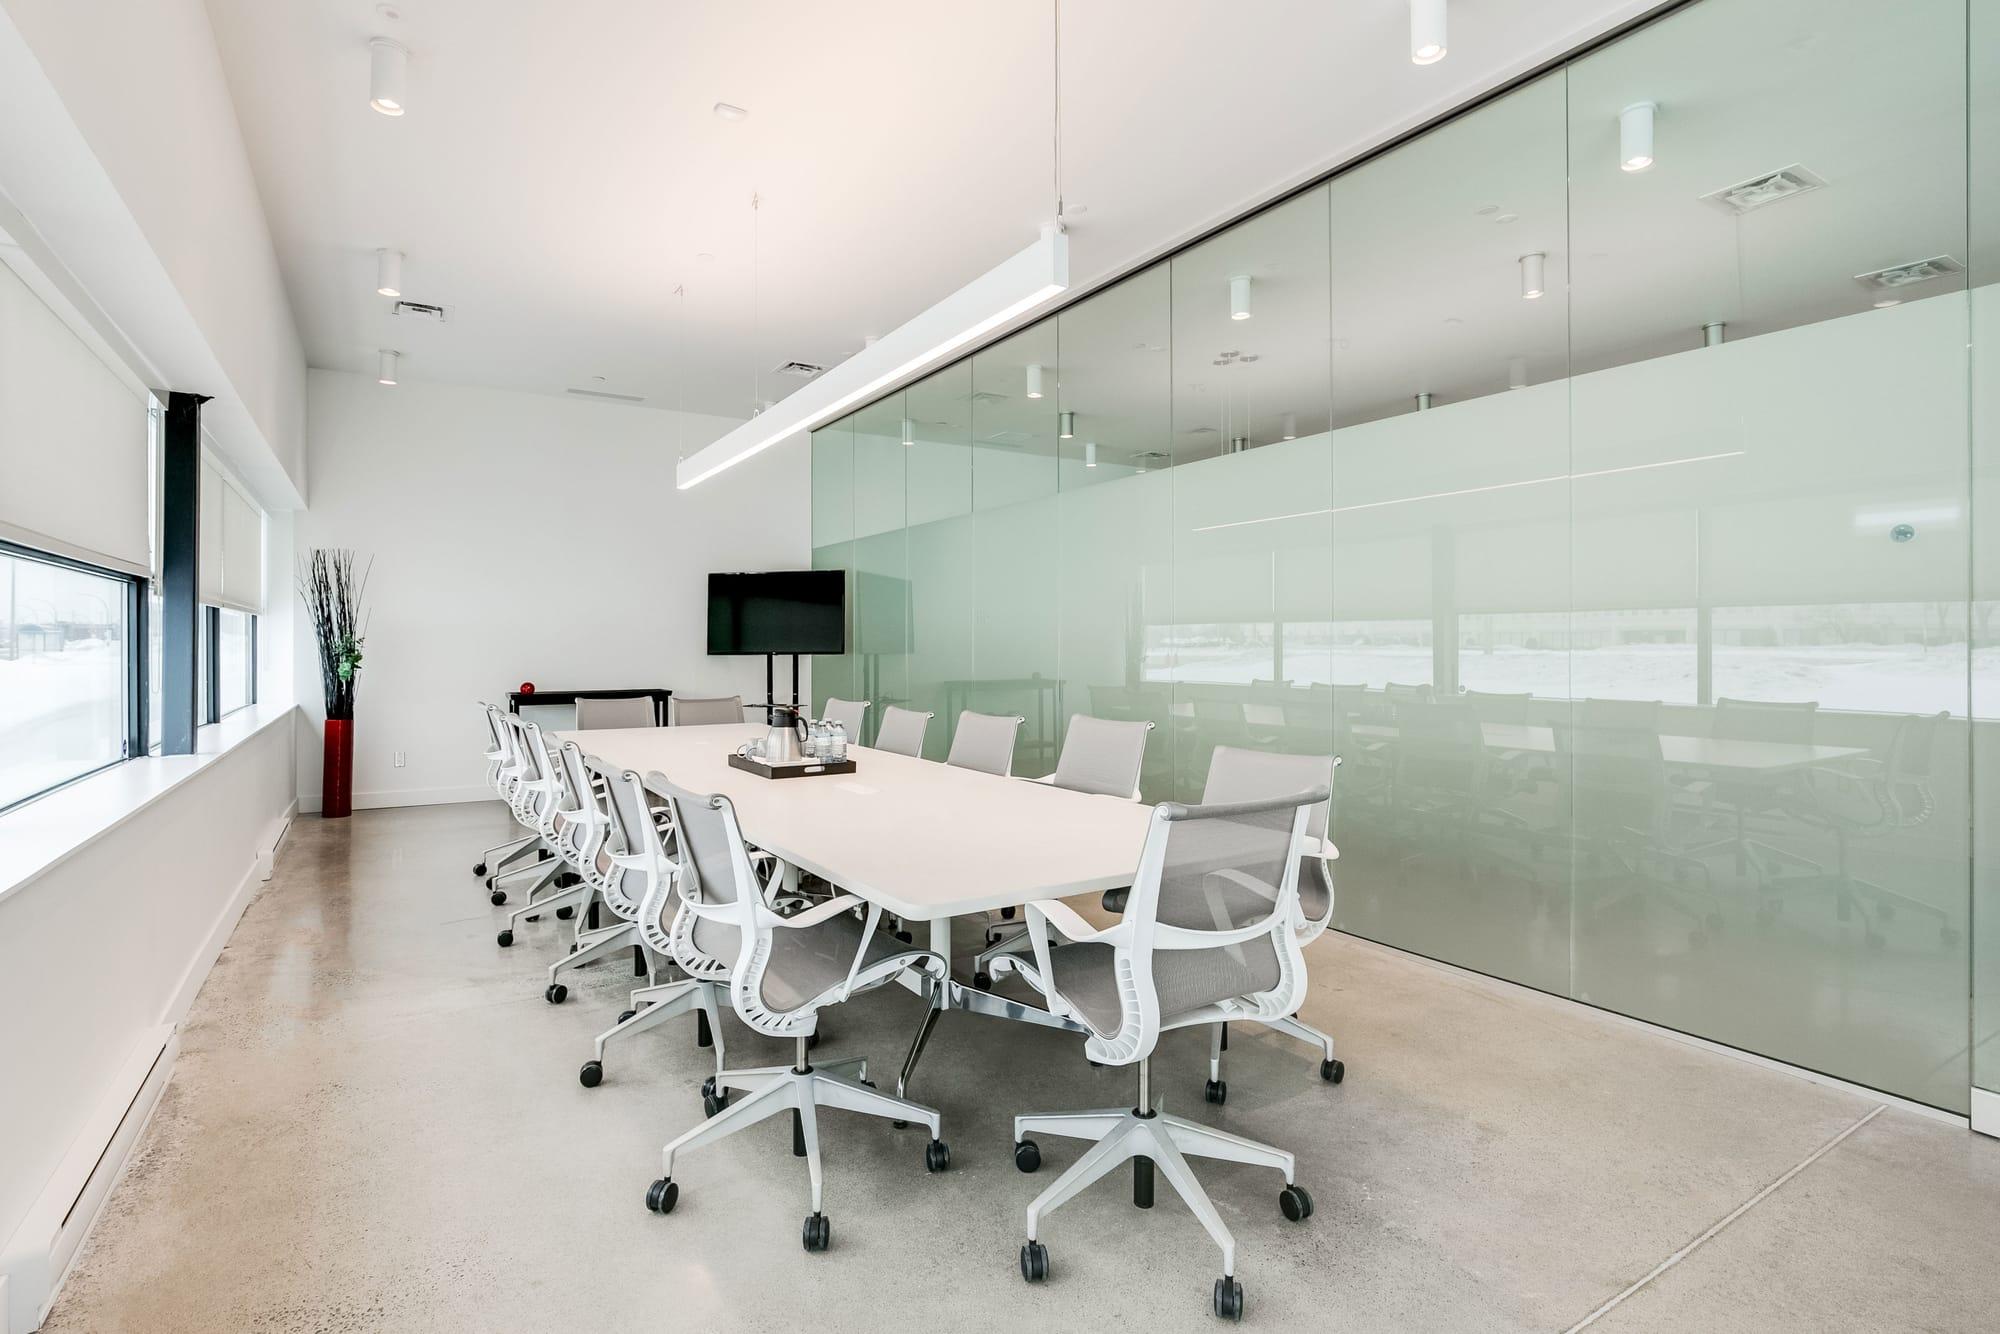 salle de conférence dans un bureau rénové avec table et chaises blanches